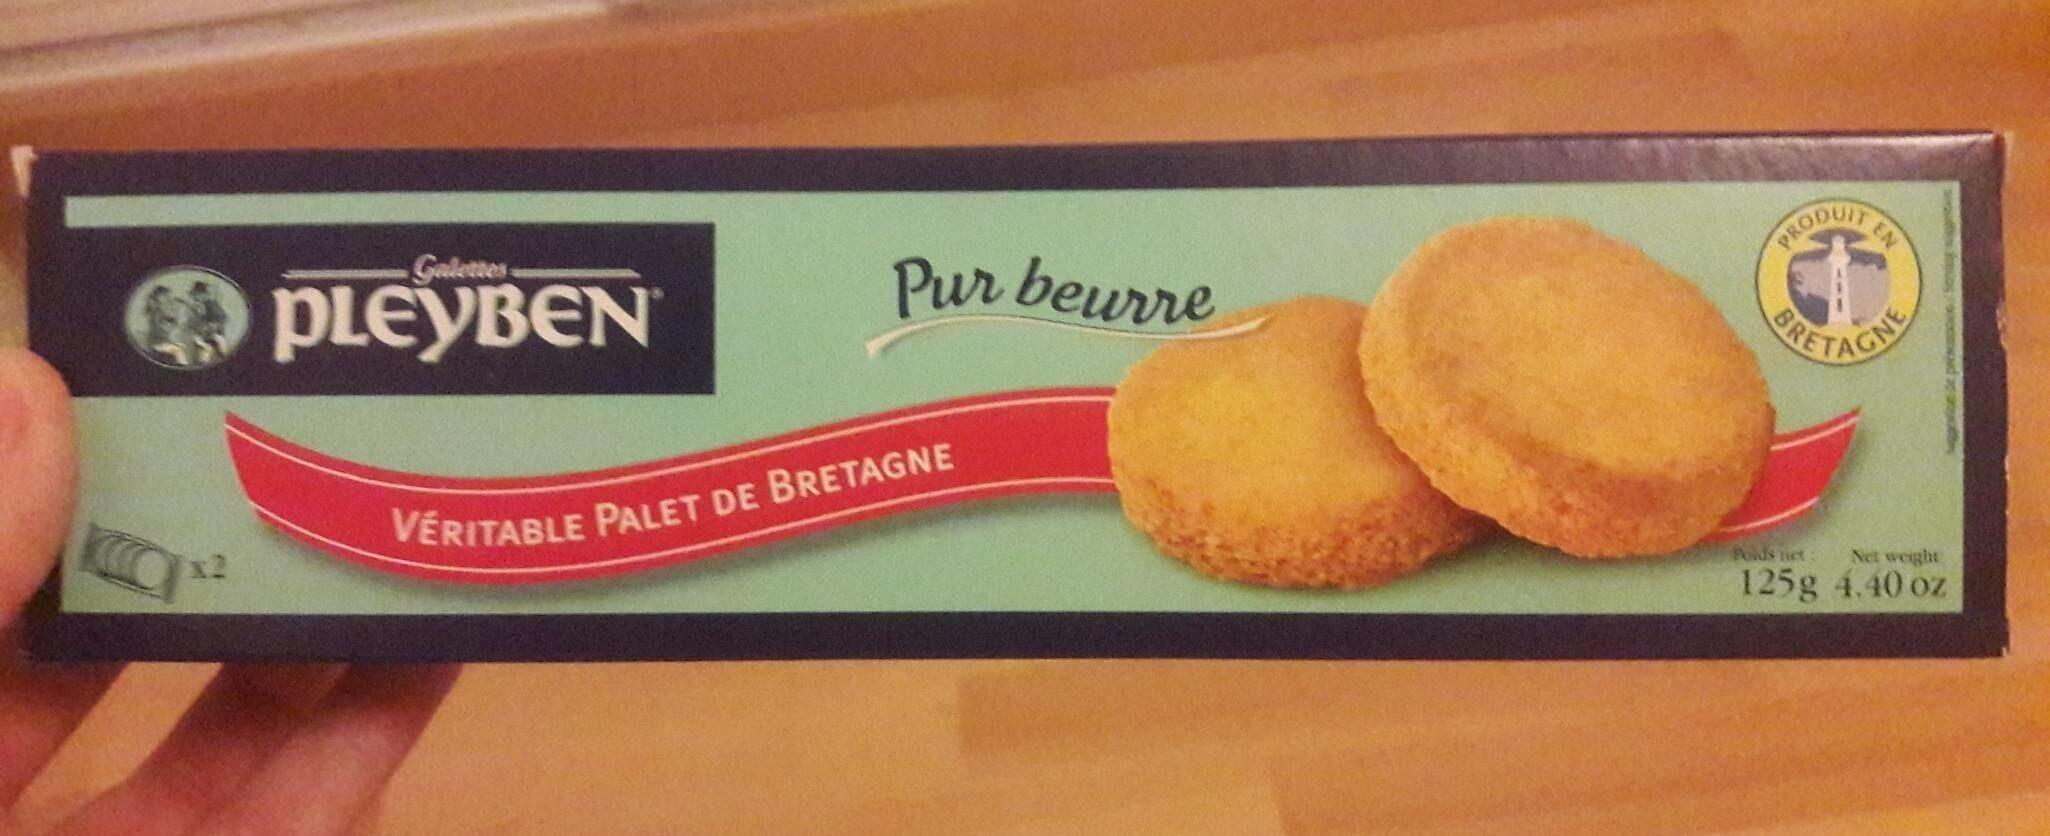 Véritable palet de Bretagne pur beurre - Prodotto - fr